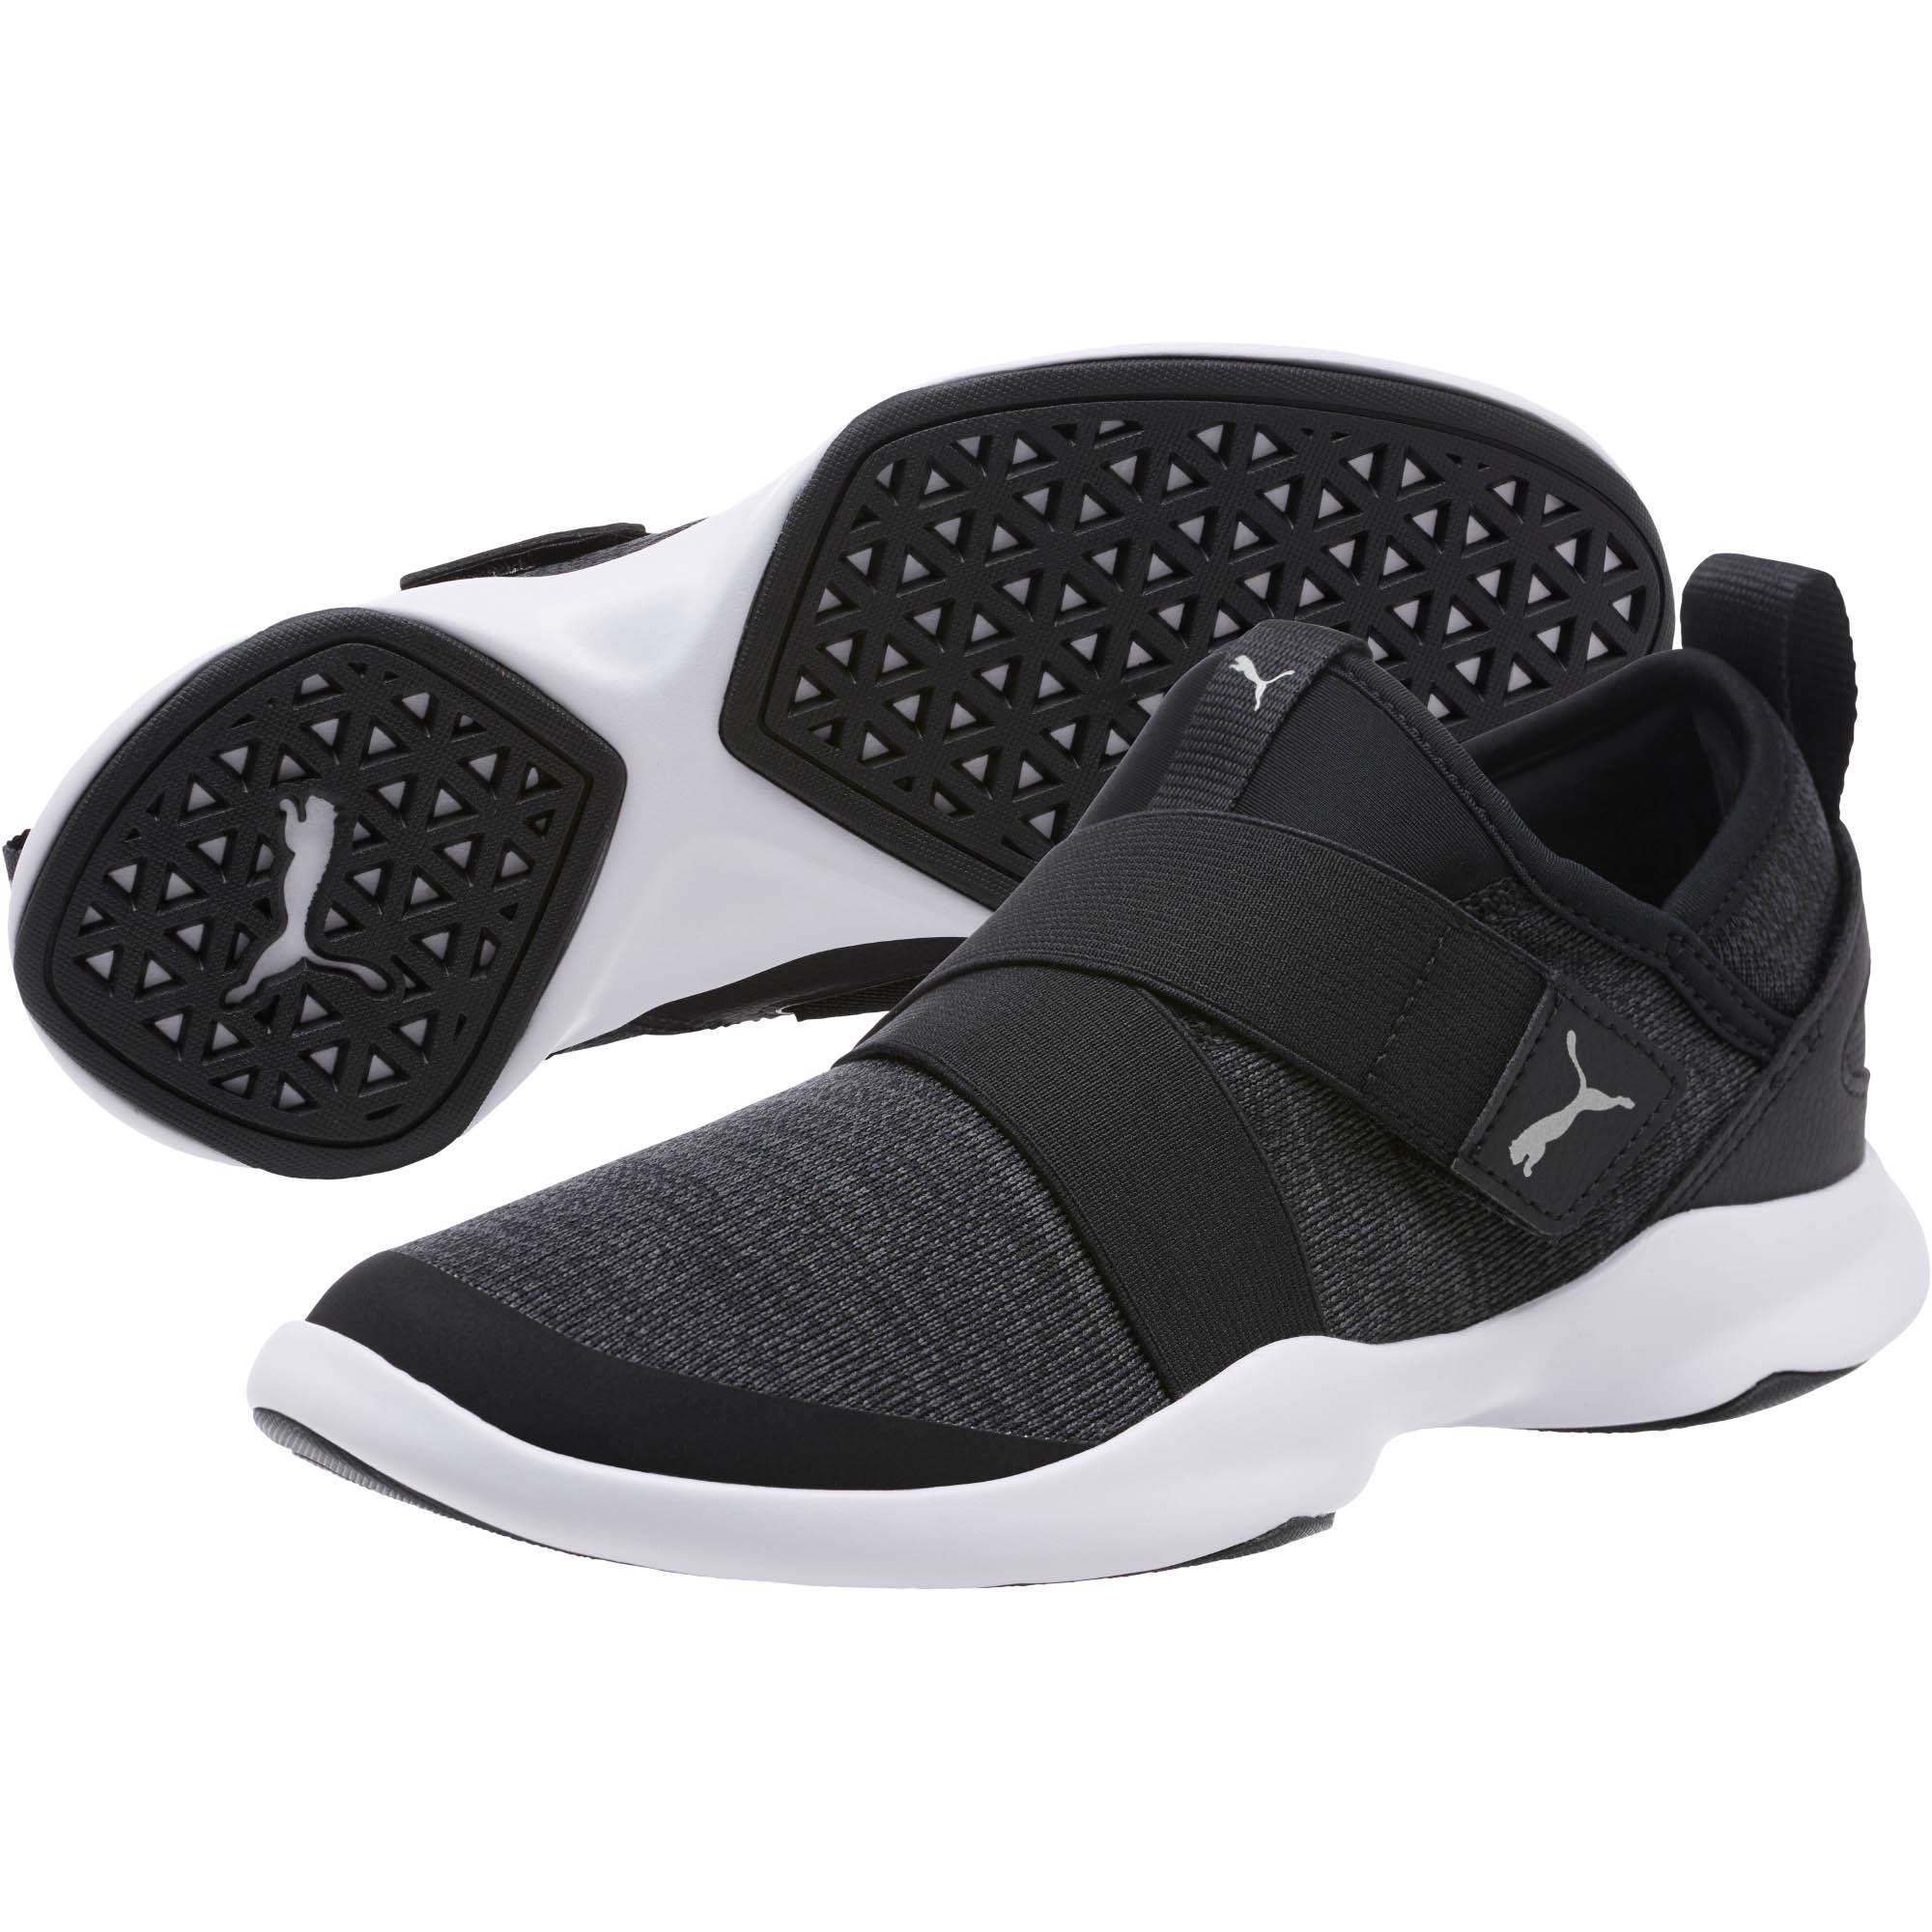 PUMA - Black Dare Ac Sneakers for Men - Lyst. View fullscreen 13b97cd697